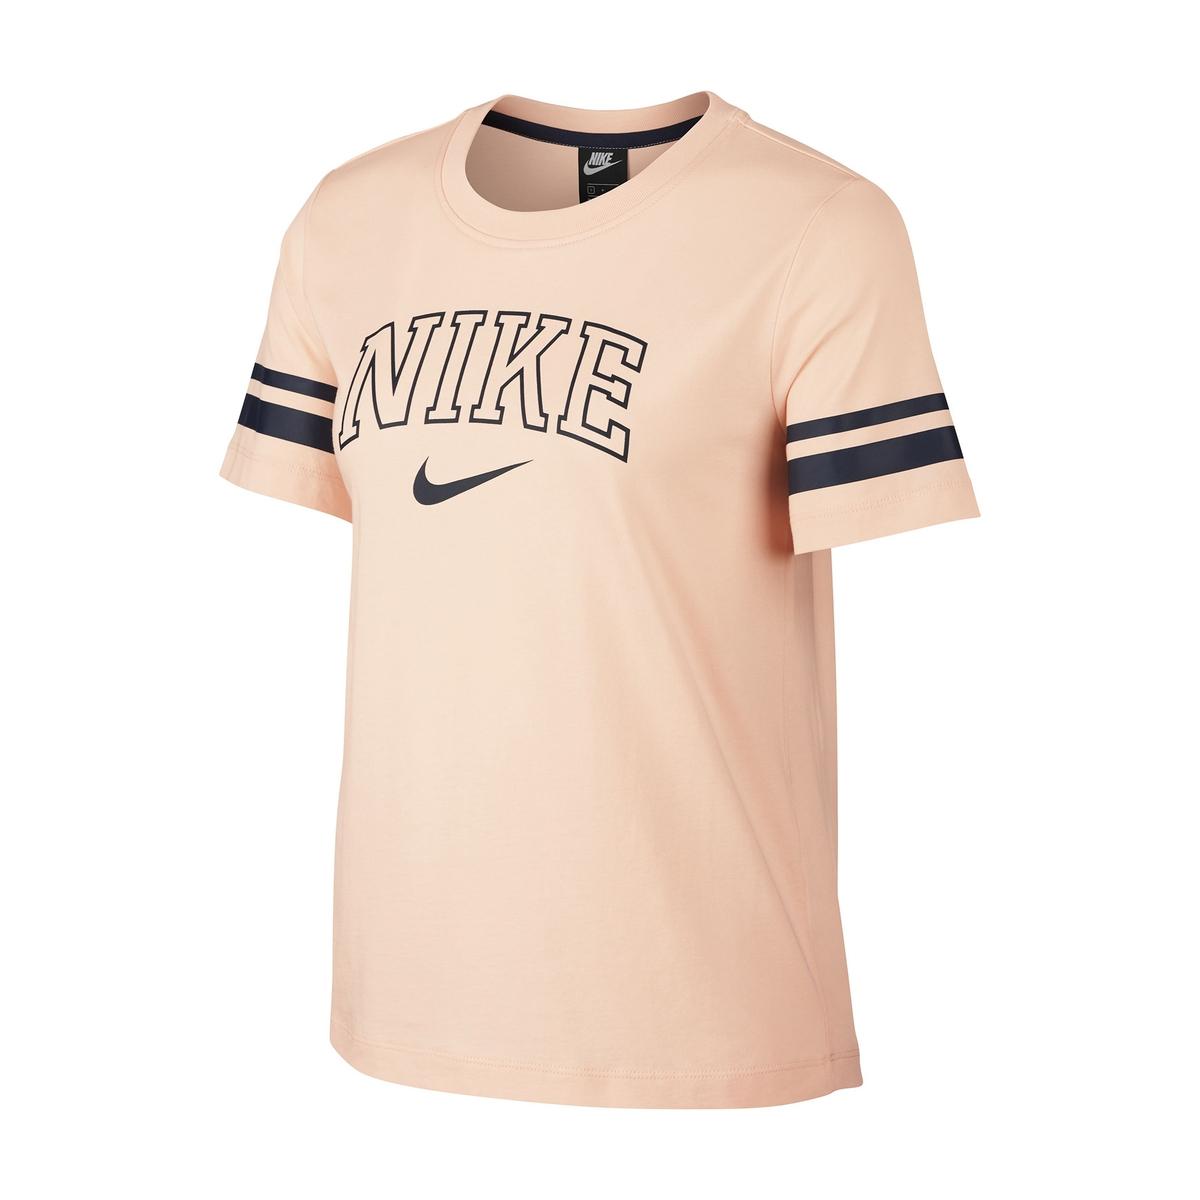 Imagen principal de producto de Camiseta Sportswear AR3769-664 - Nike